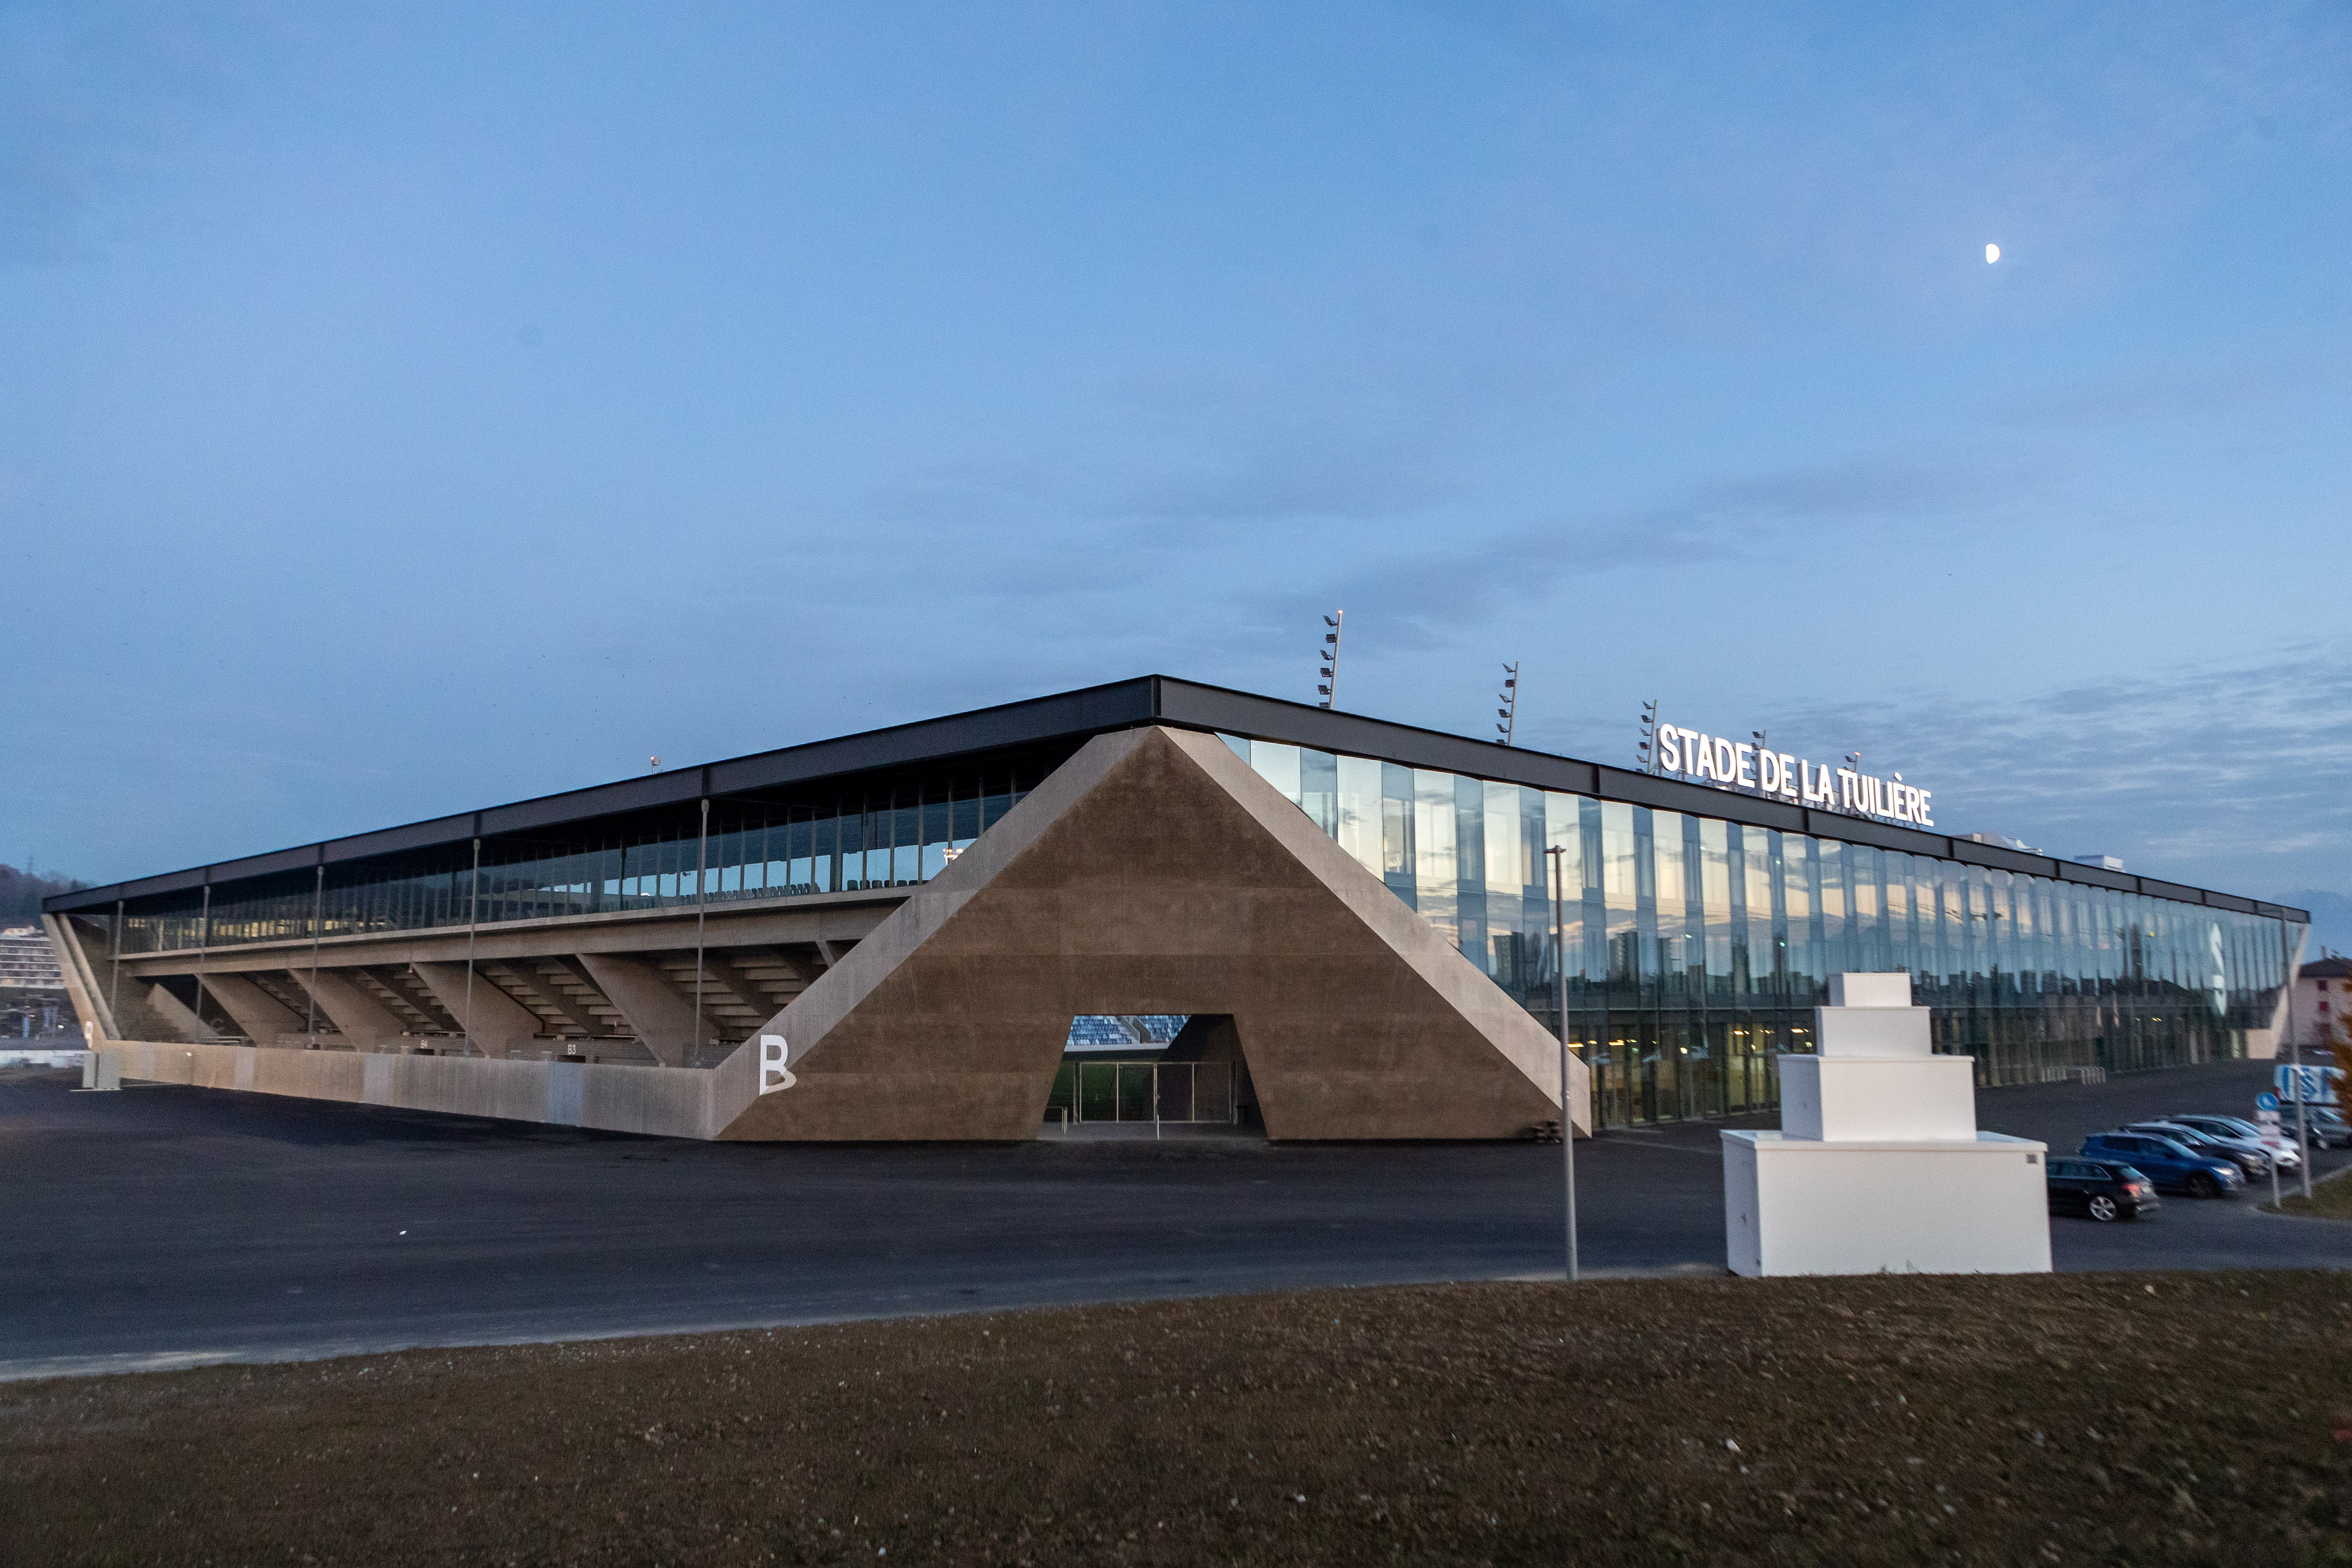 Die neue Arena befindet sich nur unweit der alten Lausanner Spielstätte, dem Stade de la Pontaise.